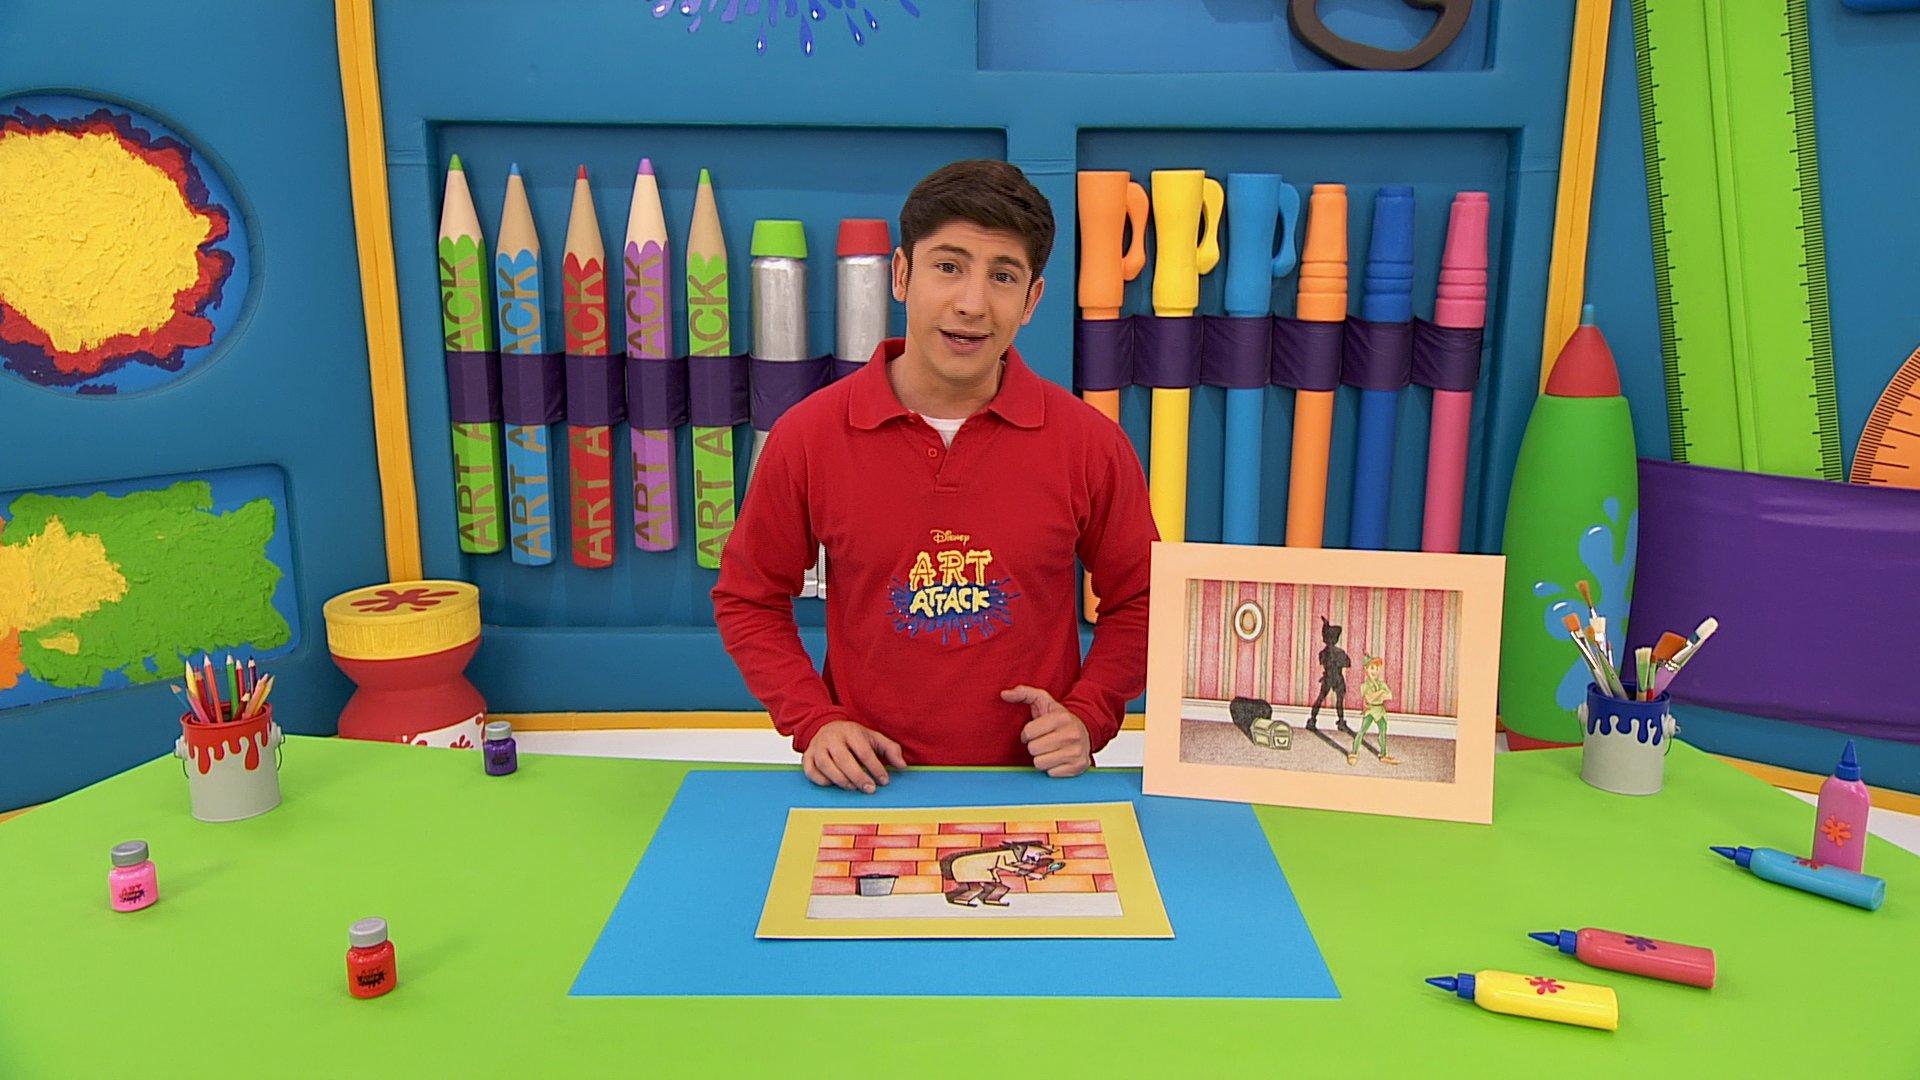 En agosto disney junior estrena la nueva temporada de junior express y art attack - Manualidades art attack ...